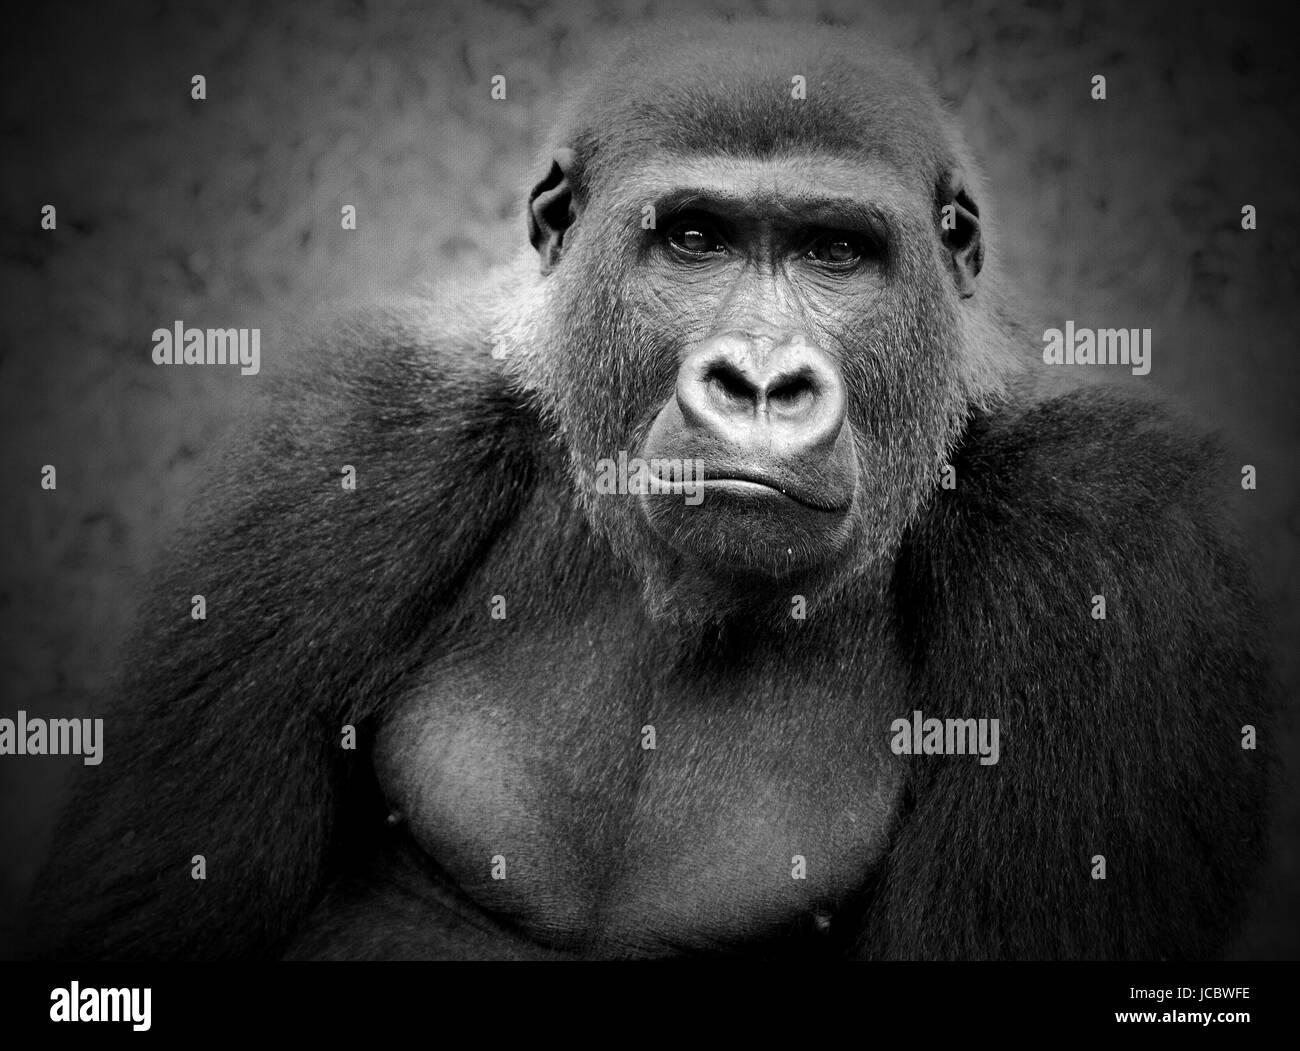 primat augenkontakt - Stock Image